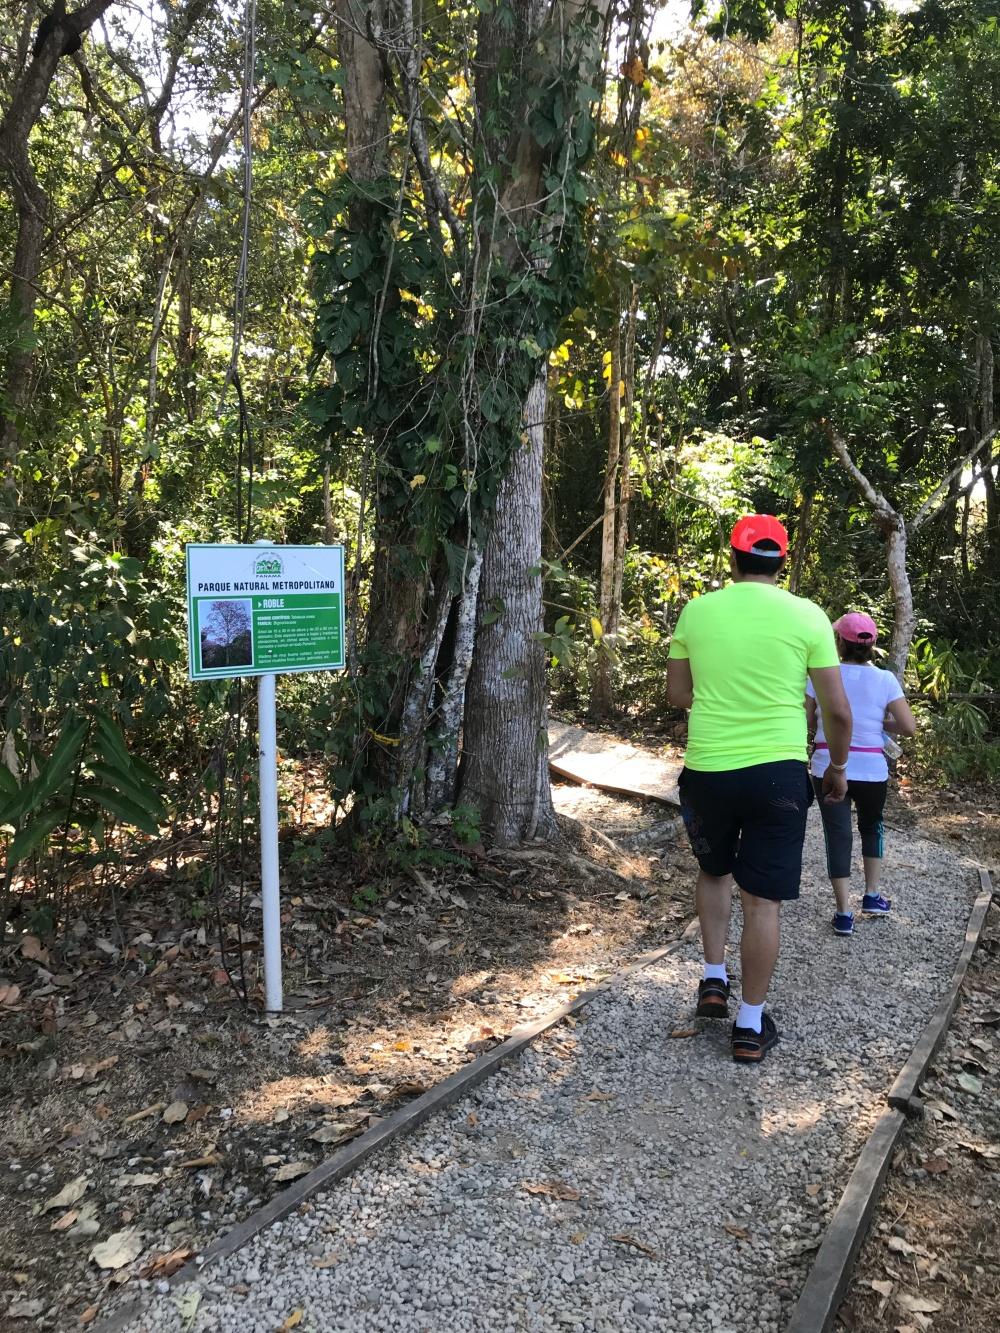 el parque ofrece varios senderos cada uno con dificulta media